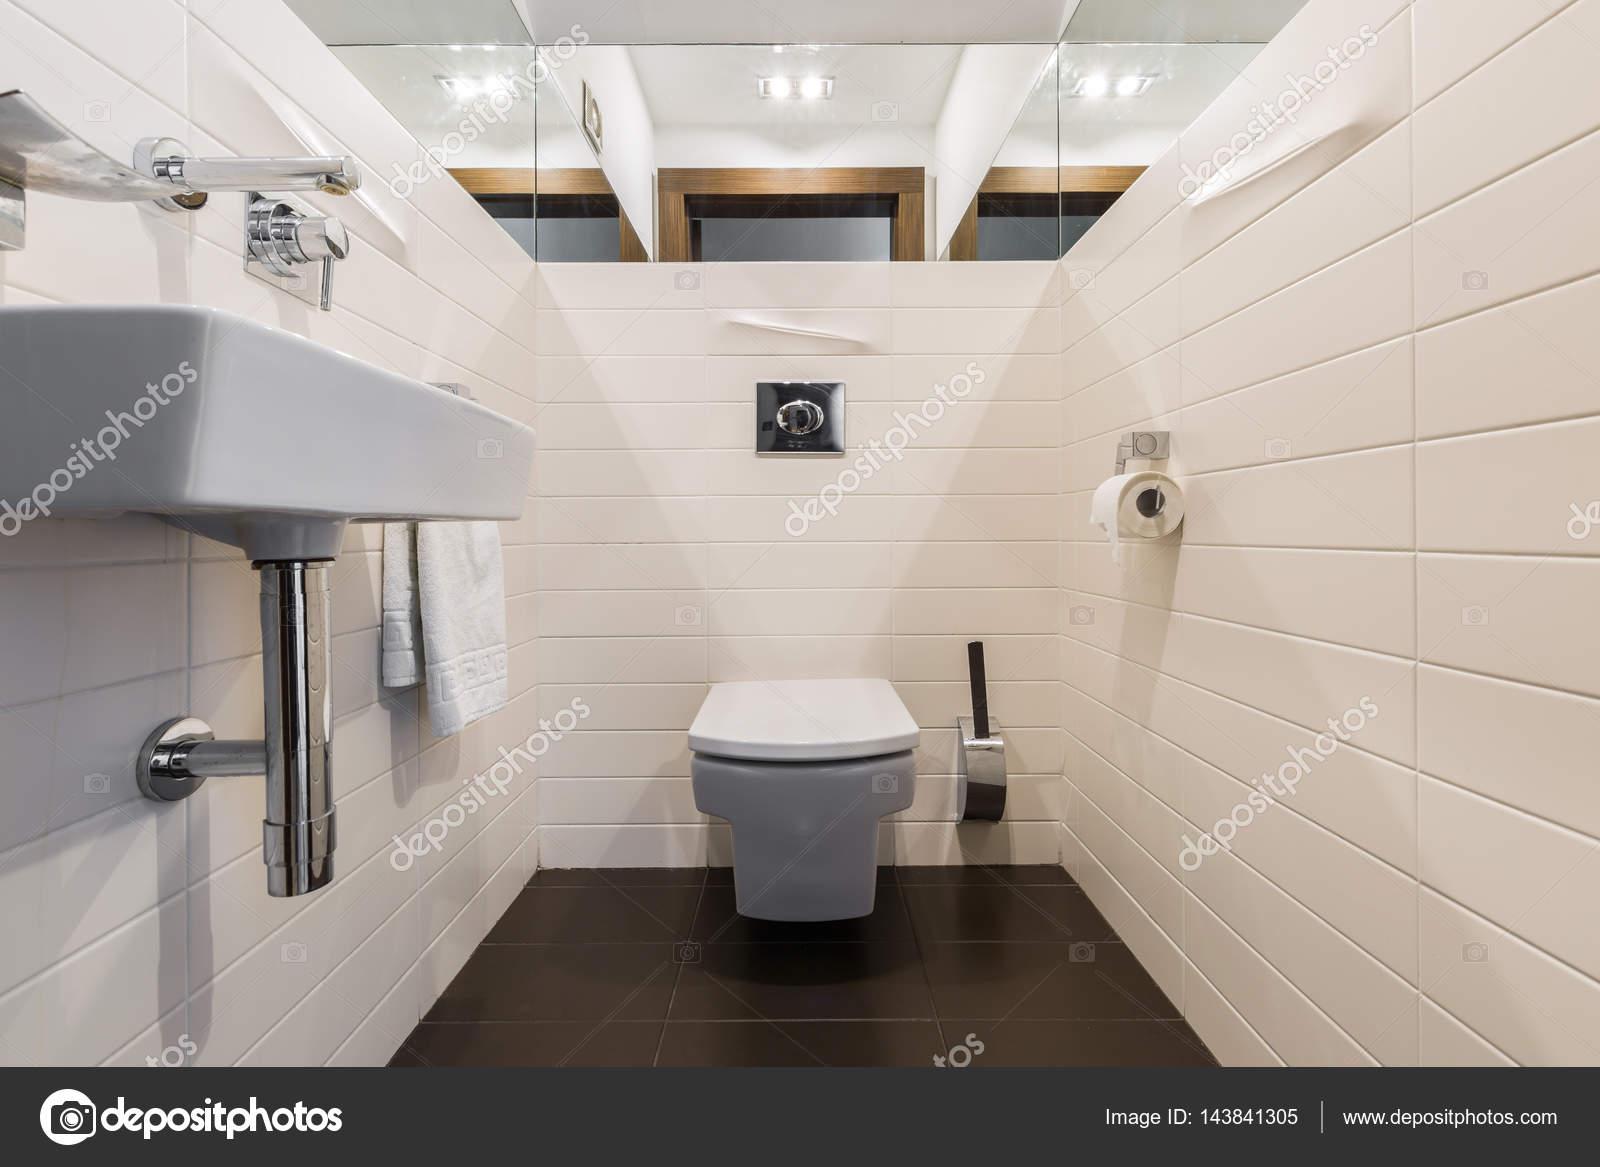 Minimalistische badezimmer mit wc und waschbecken u stockfoto